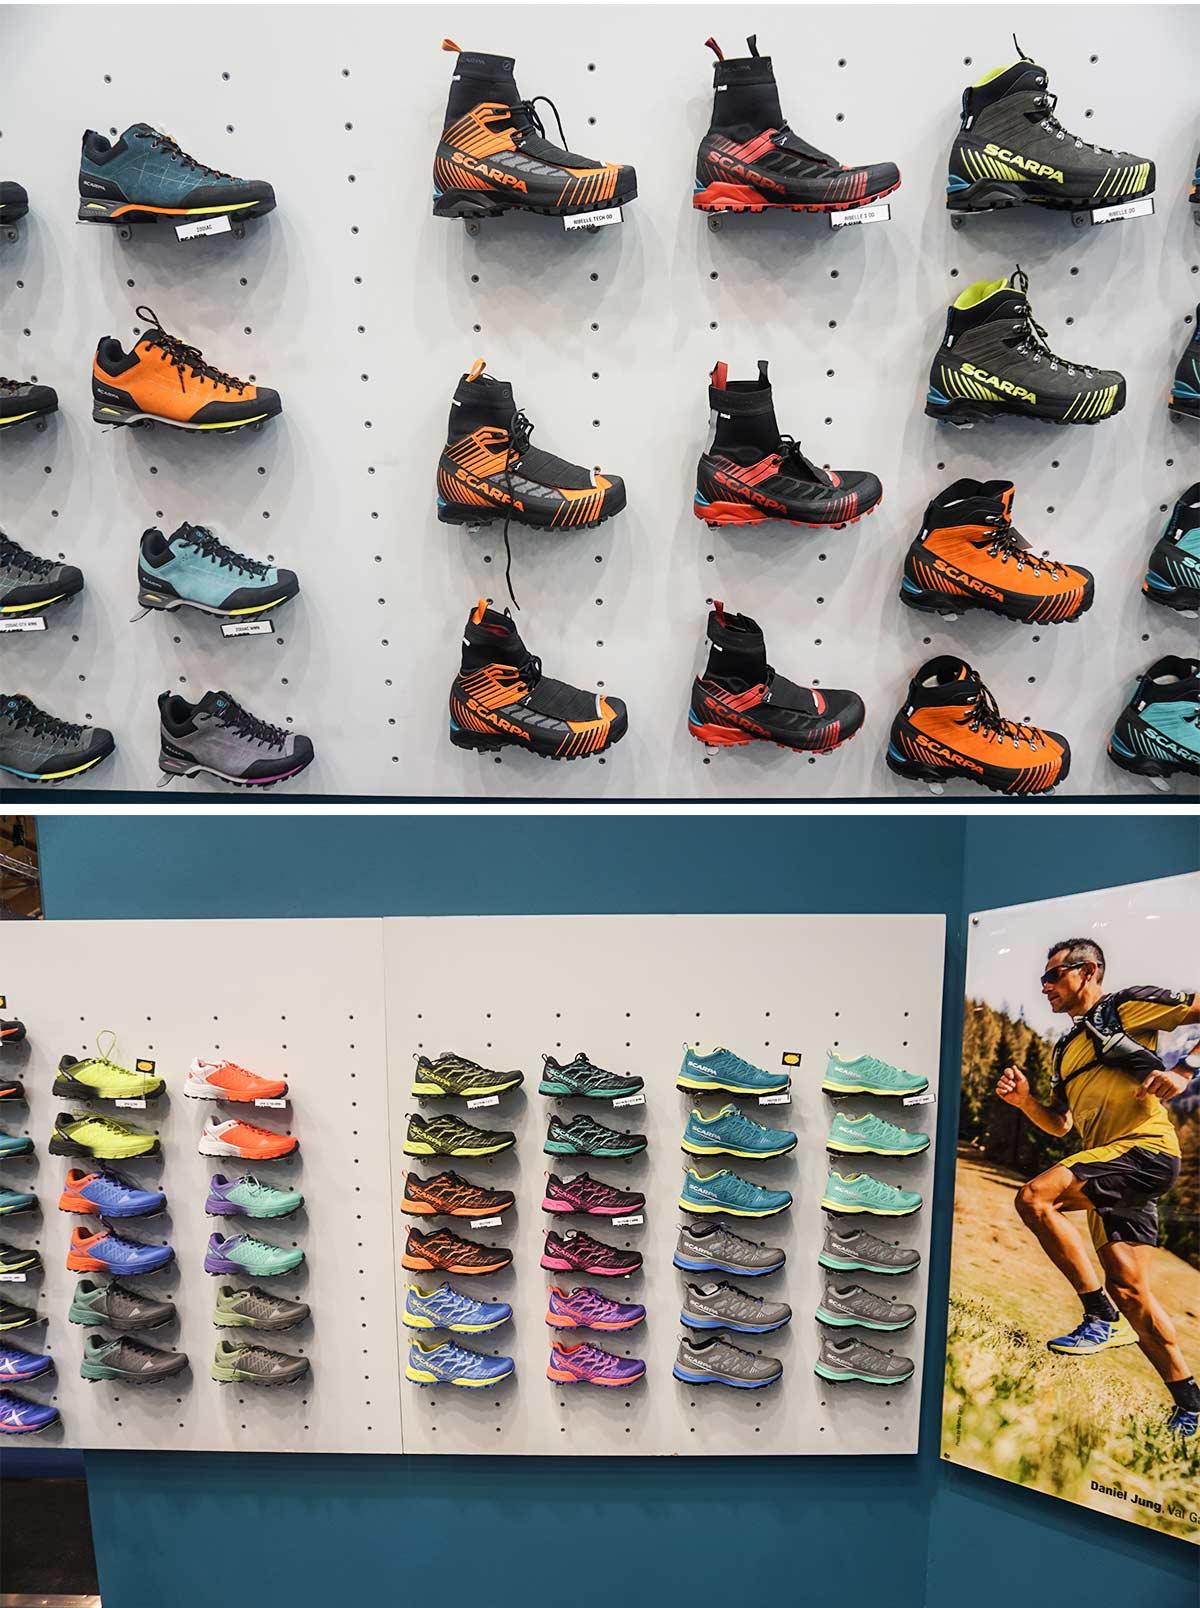 Topánky Scarpa majú v kolekcii ponuku pre trailový beh a aj pre vysoké hory